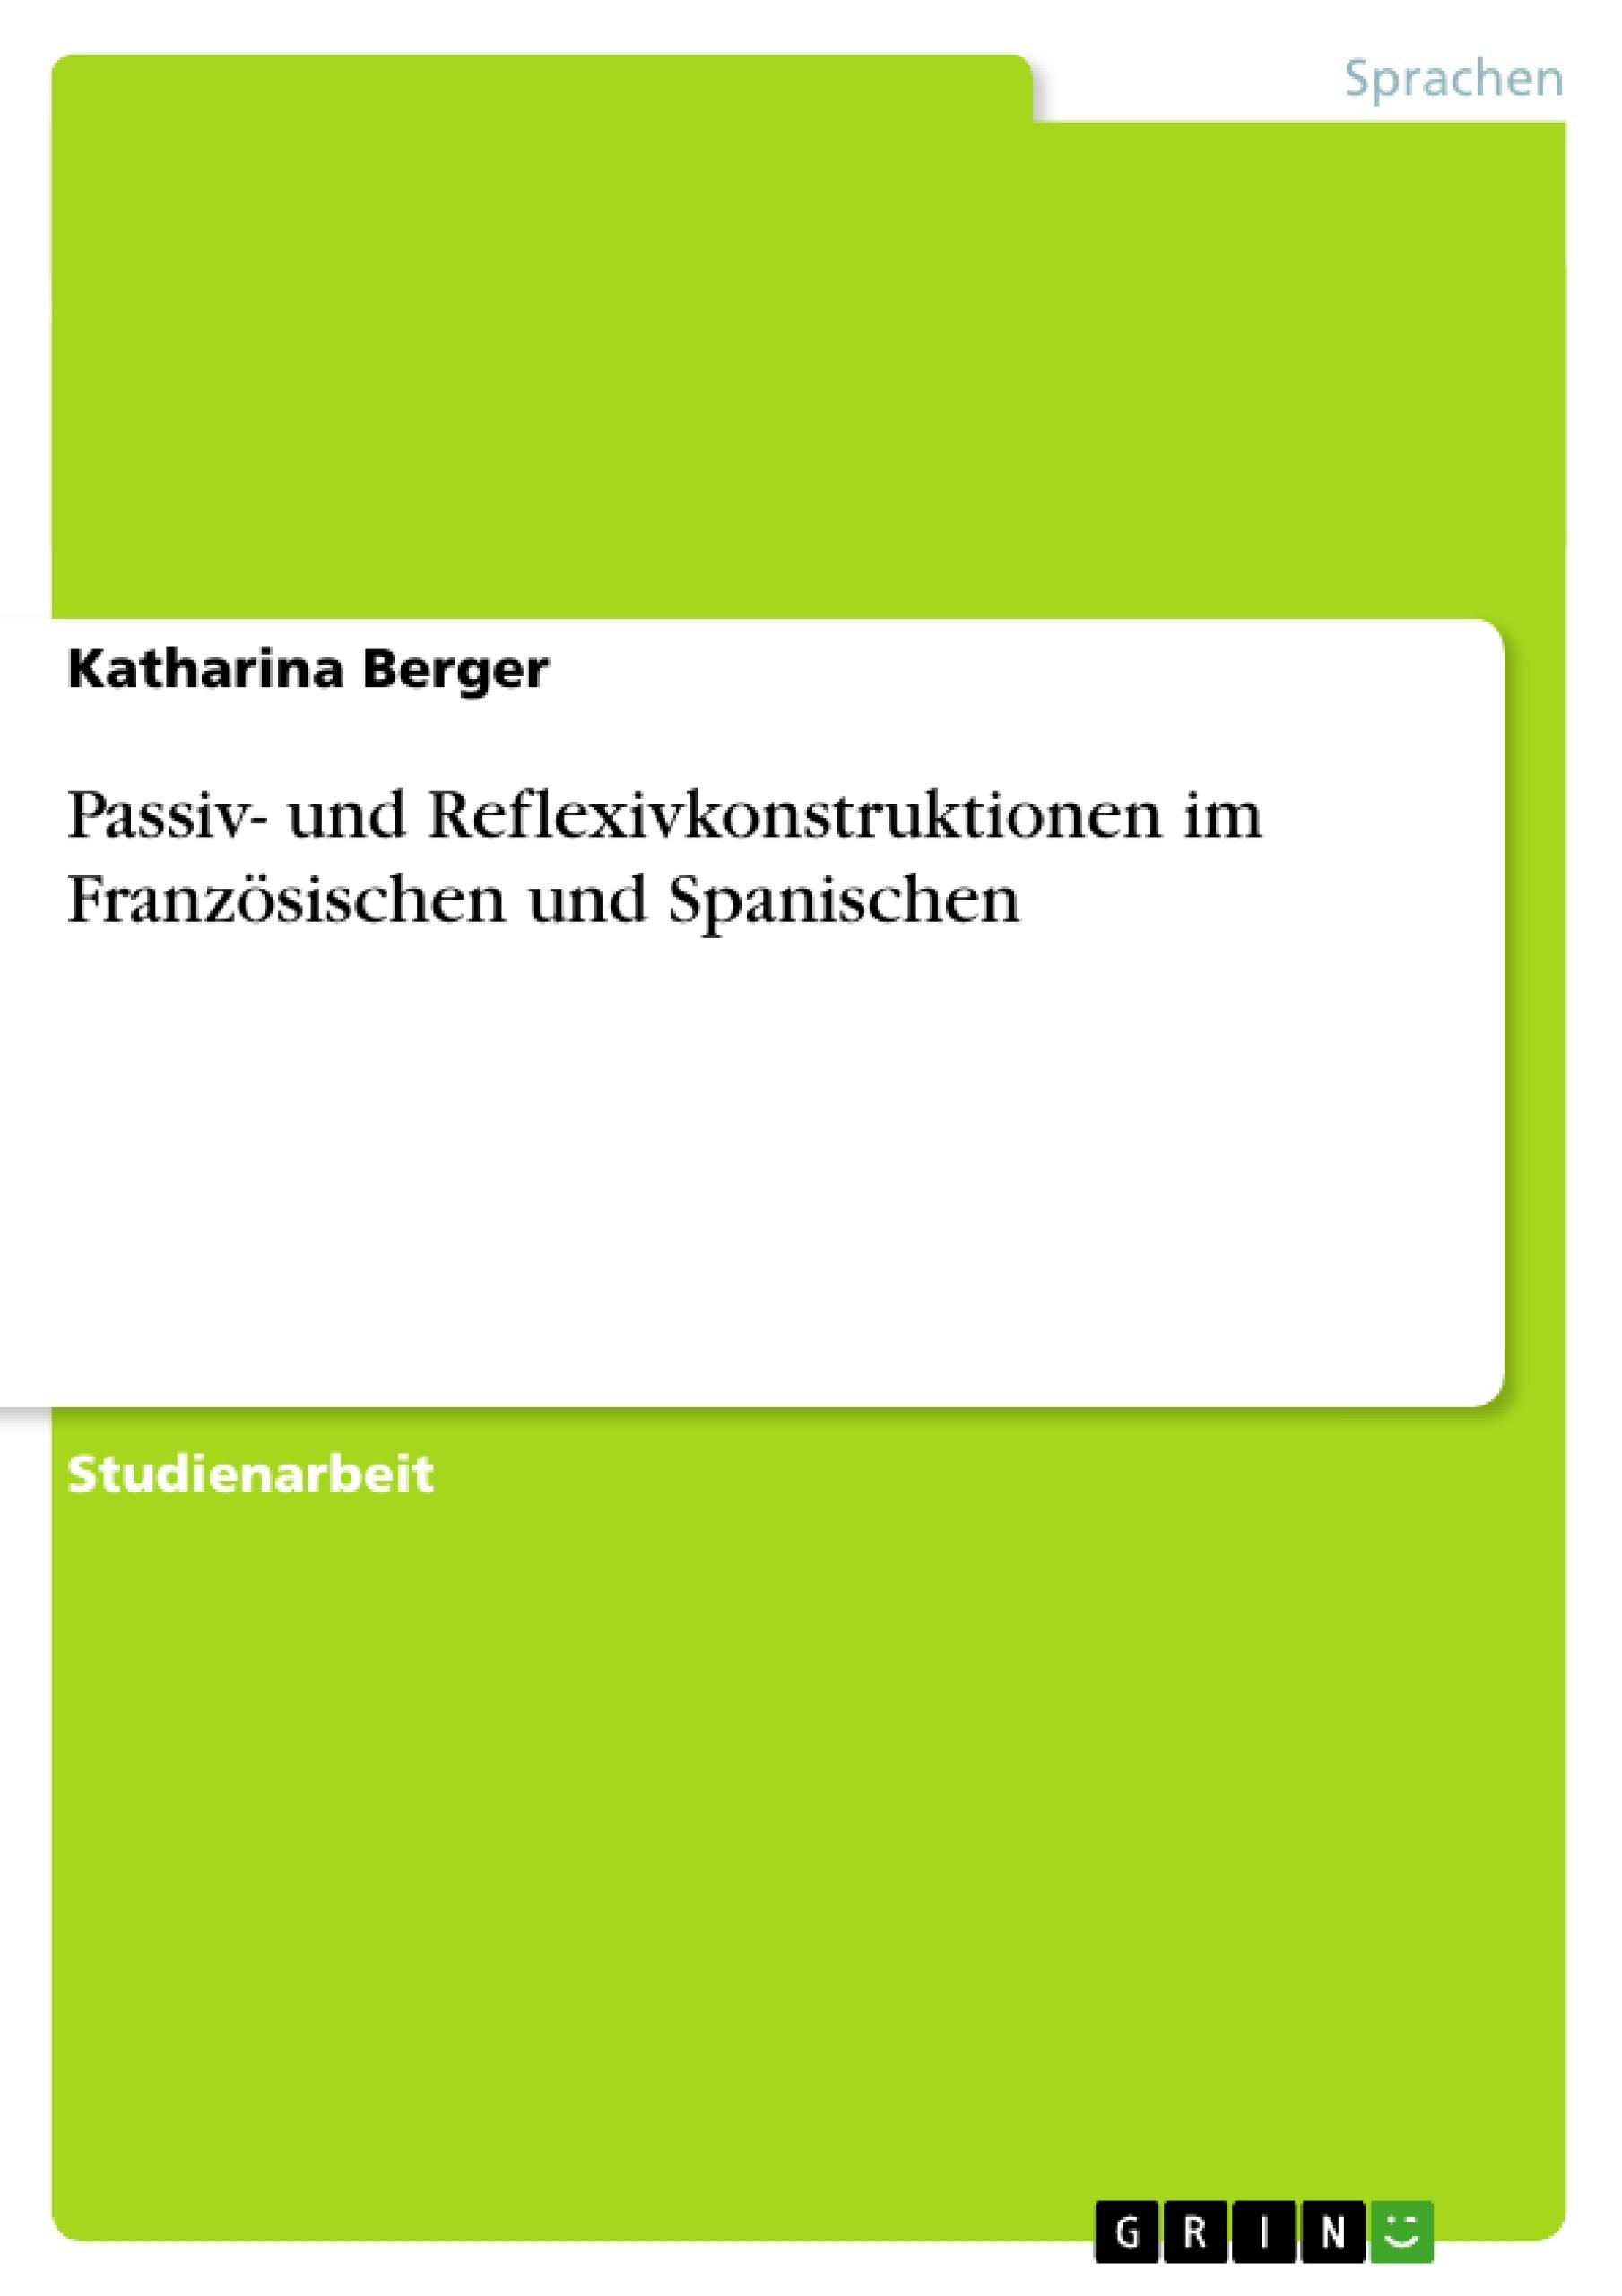 Titel: Passiv- und Reflexivkonstruktionen im Französischen und Spanischen